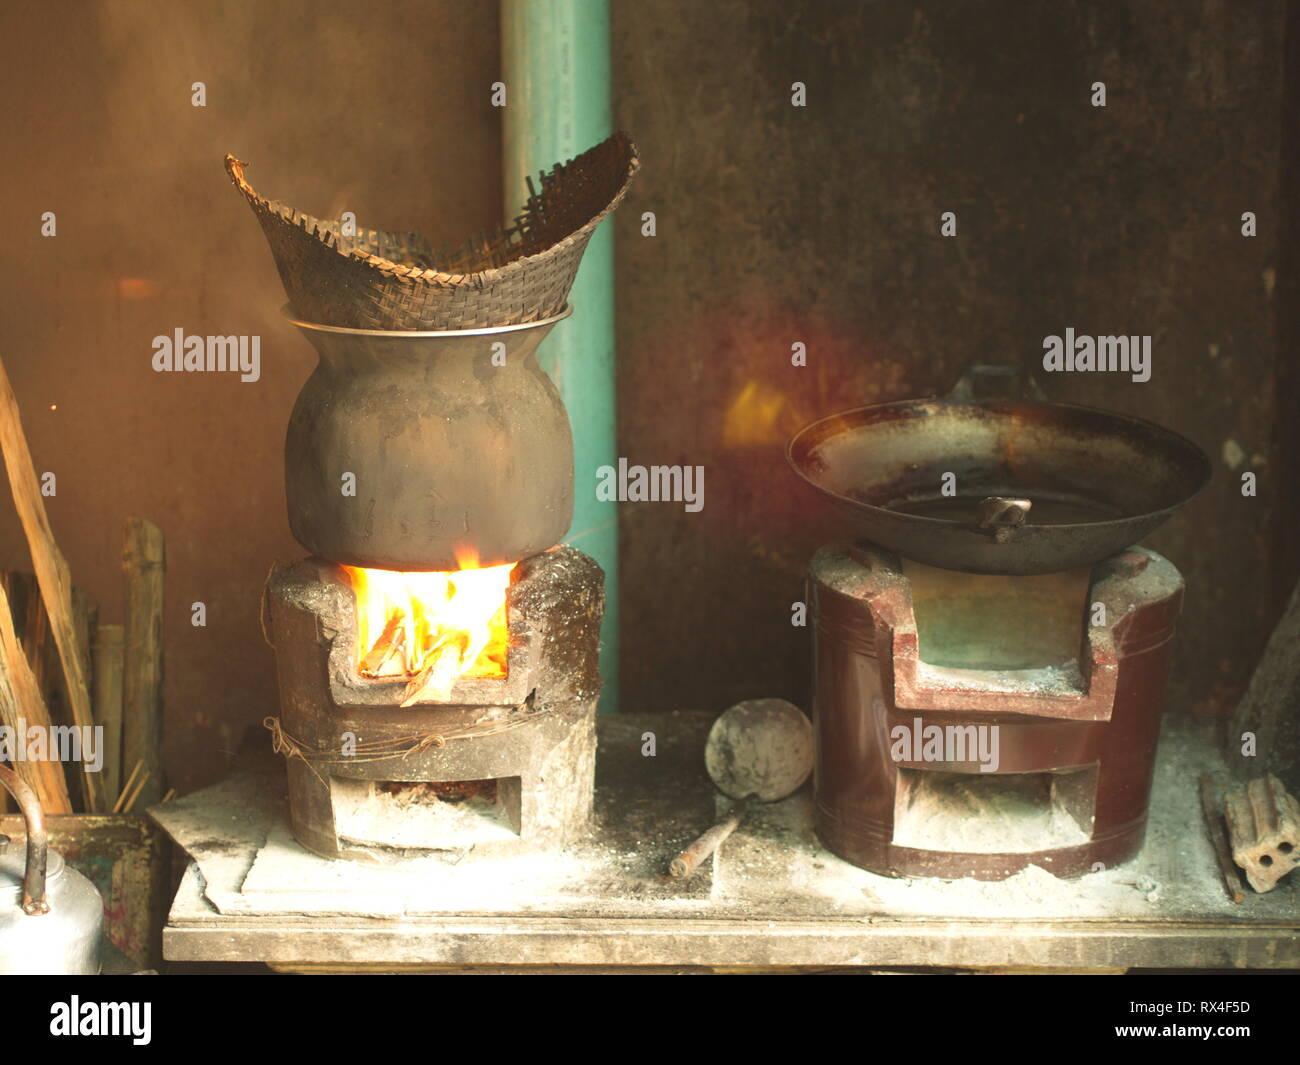 Cocina tradicional , arroz pegajoso humeante olla - La cocina local en la casa de pueblo. Al noreste de Tailandia. Foto de stock